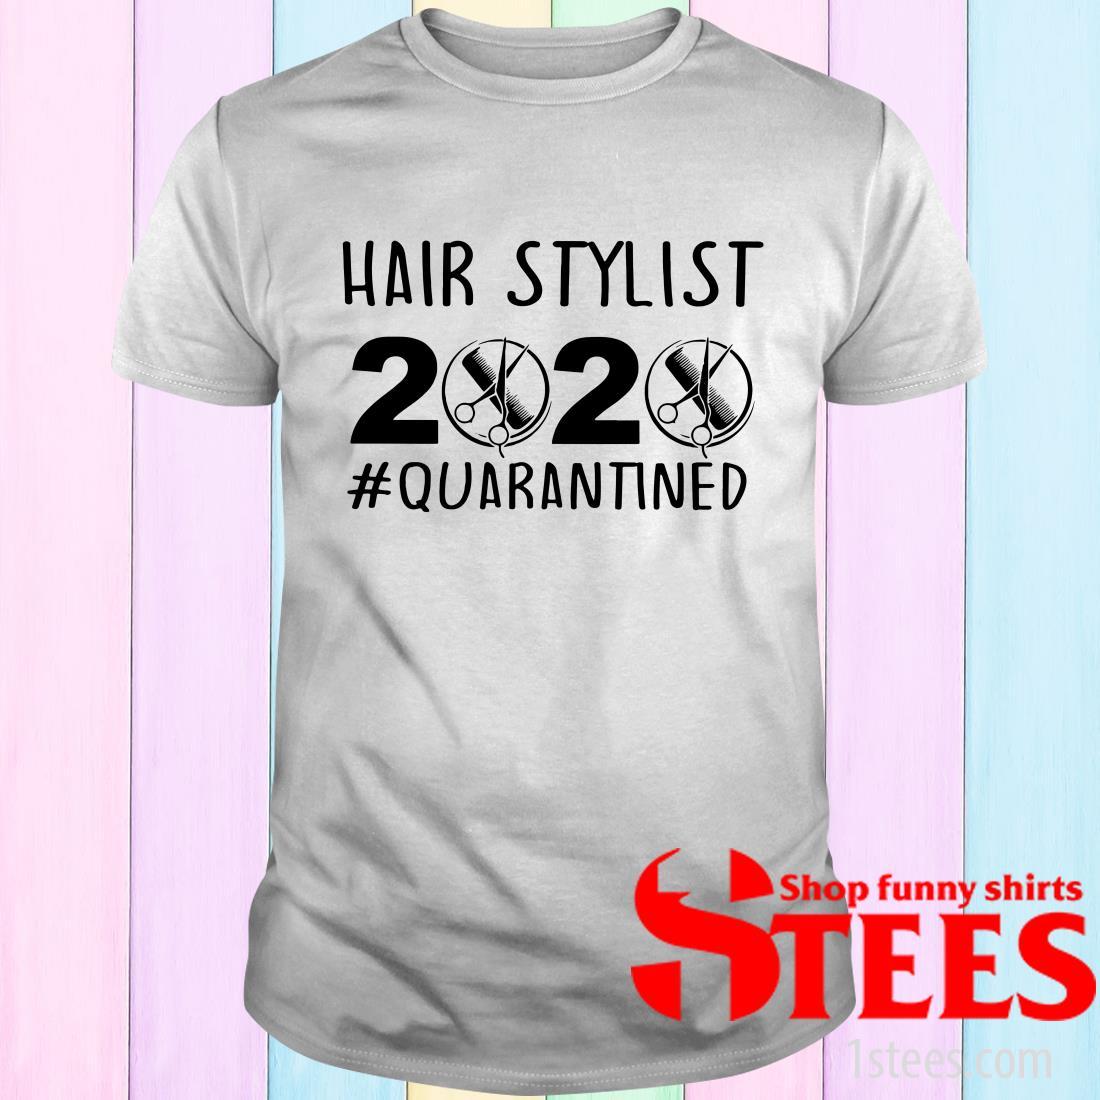 Hair Stylist 2020 Quarantine T-Shirt